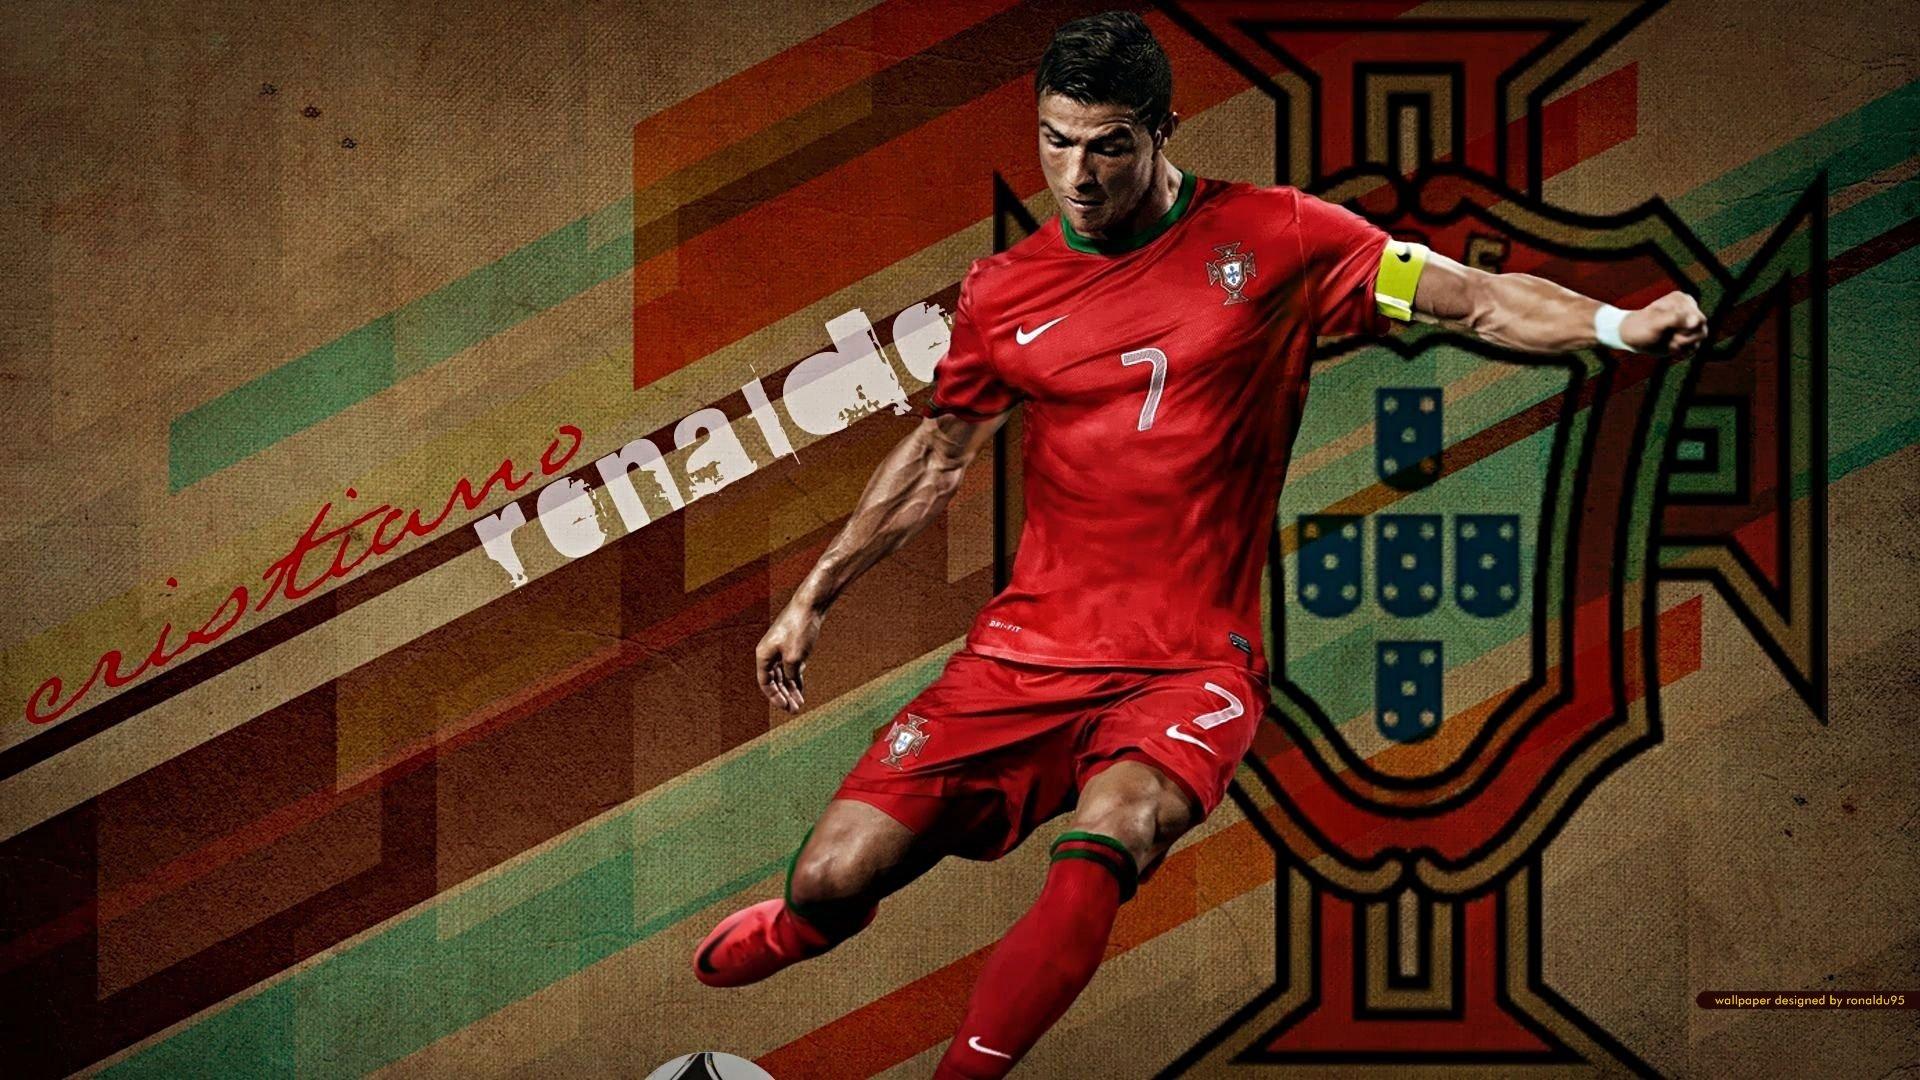 PORTUGAL soccer 46 wallpaper 1920x1080 362419 1920x1080